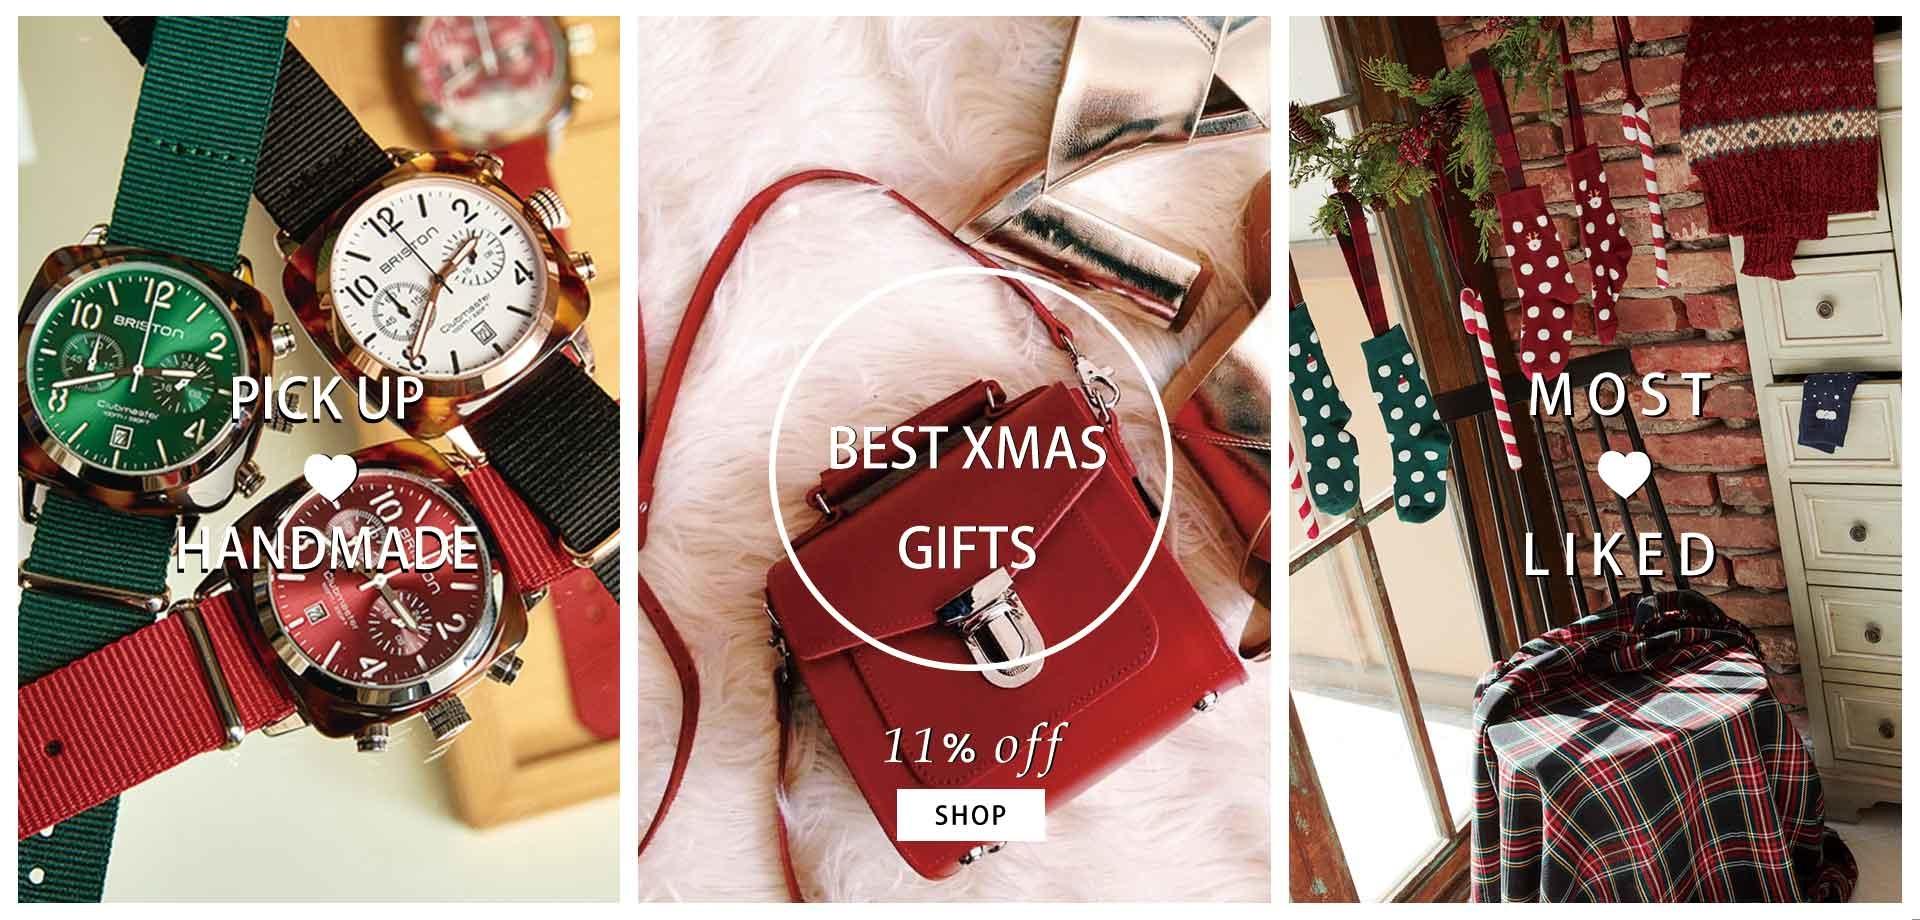 聖誕節,交換禮物,禮物,聖誕,xams,閨蜜,降臨曆,zatchels,